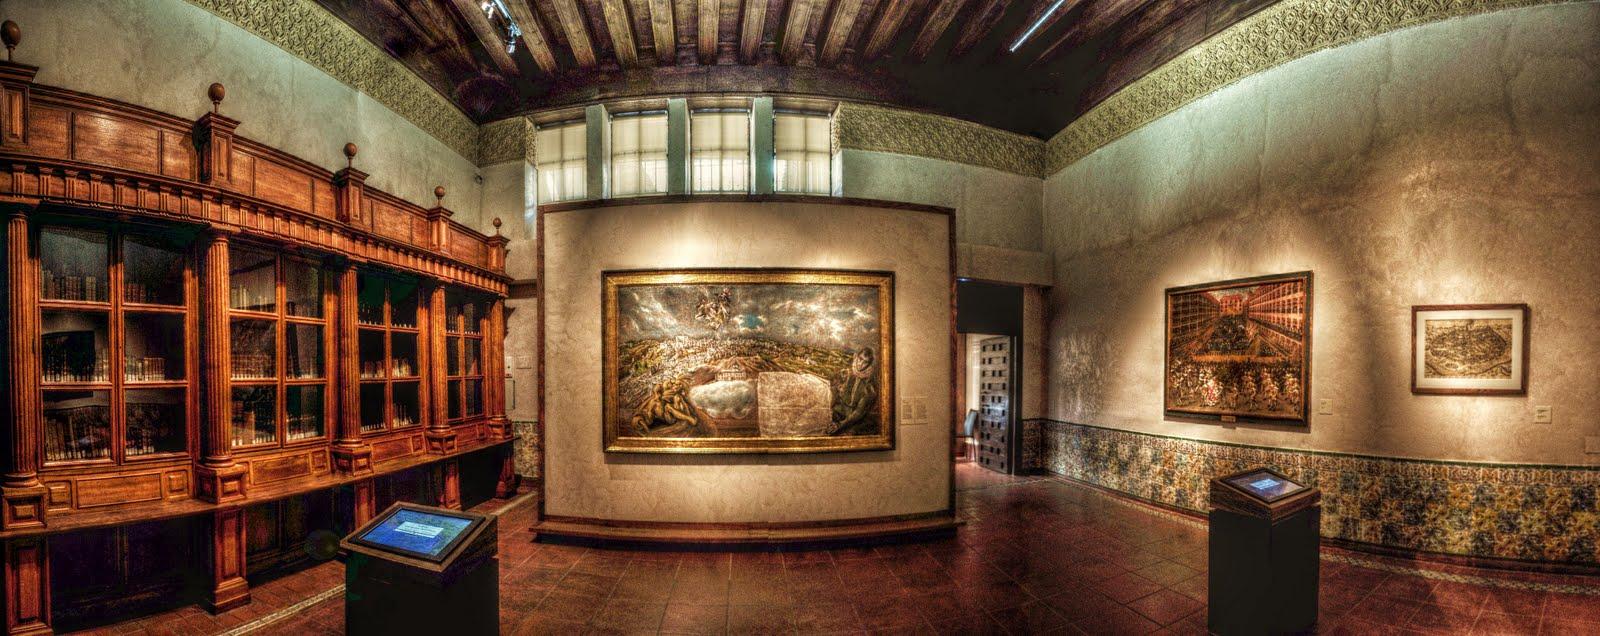 Foto de toledo retazos de color casa museo de el greco 3 - La casa del cuadro ...